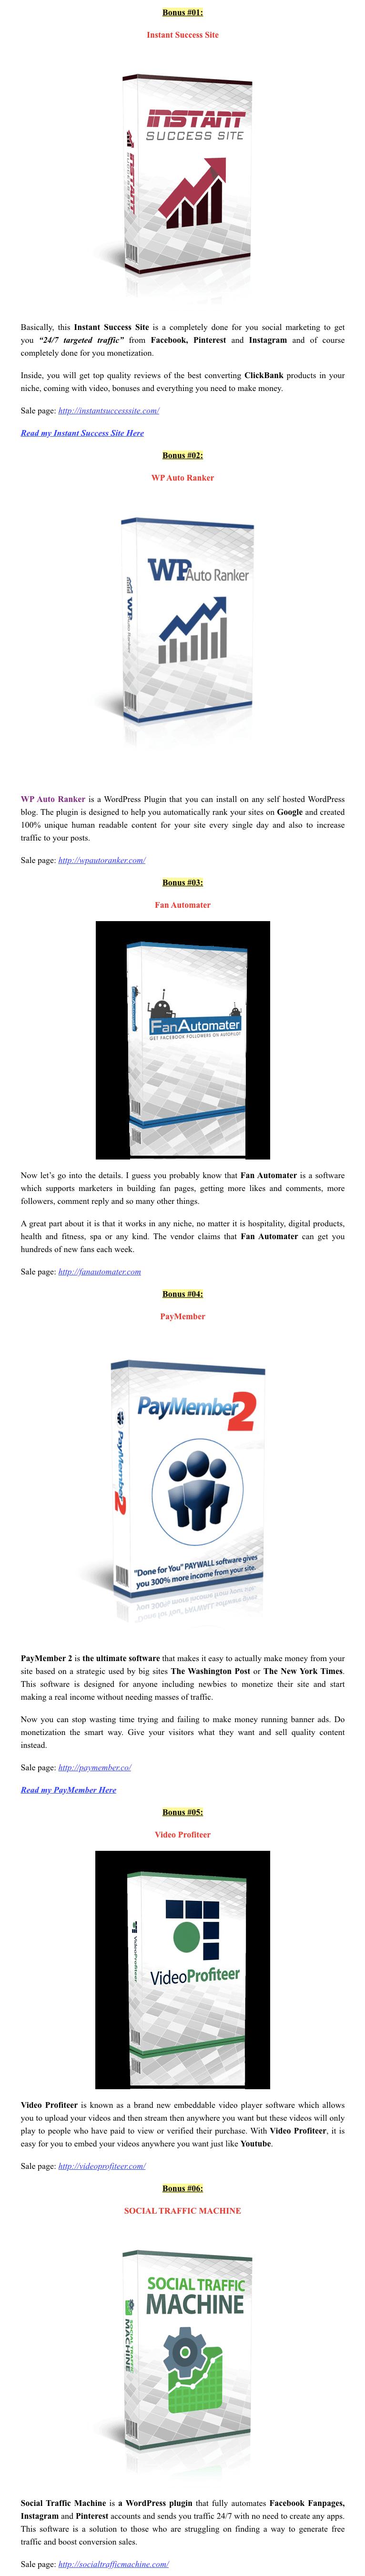 Fiverrpal-bonuses-1